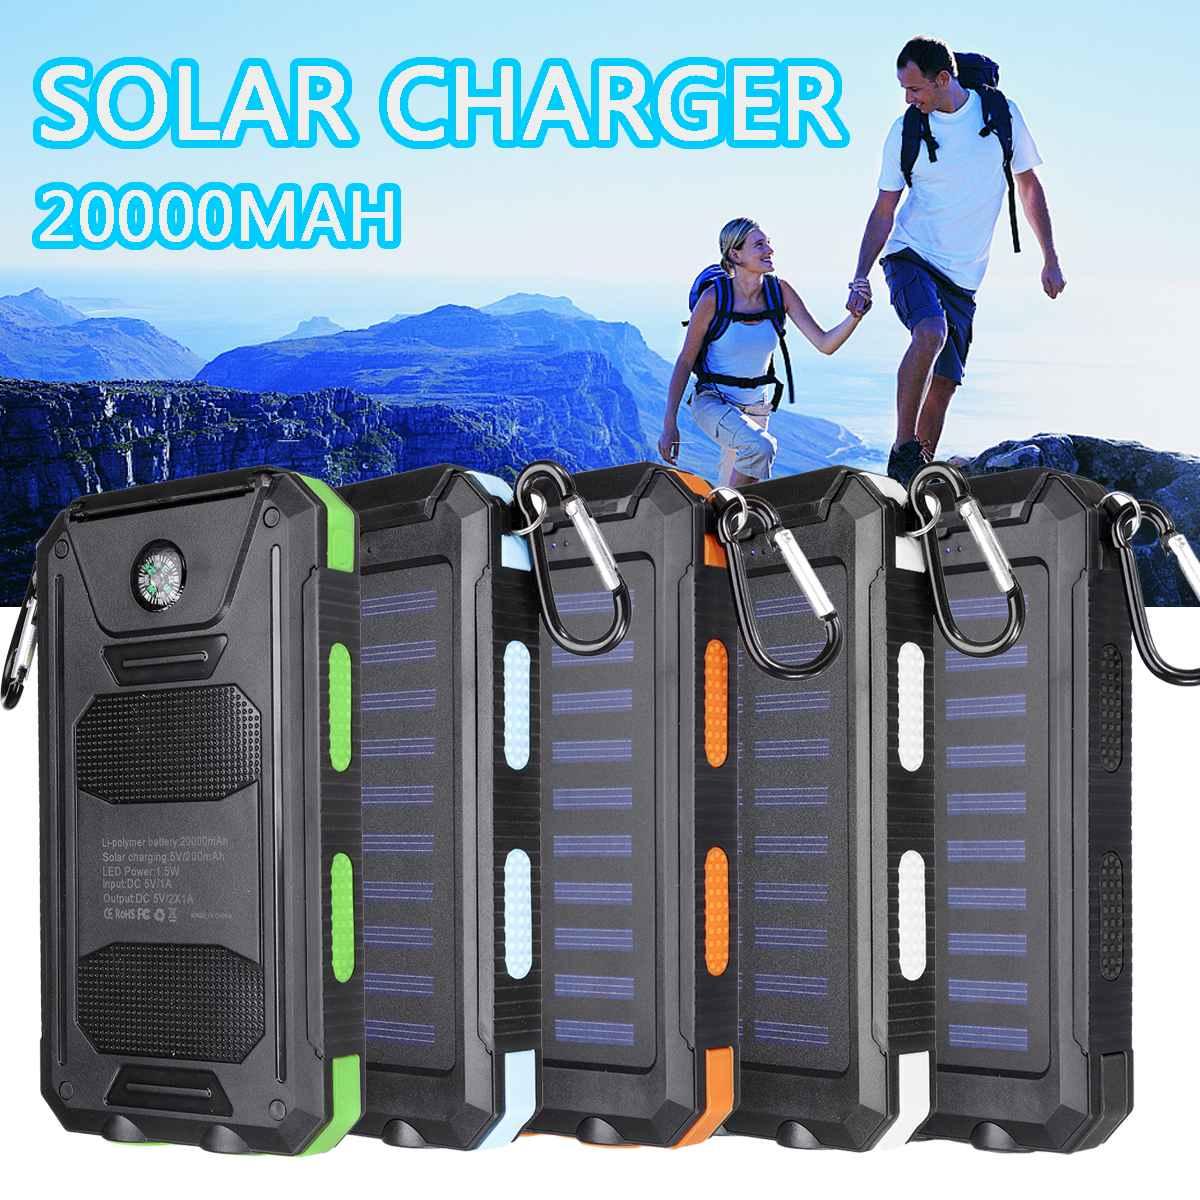 20000 mah 휴대용 태양 전원 은행 충전 휴대 전화 태양 열 충전기 듀얼 usb 충전 포트 led 빛 carabiner 나침반, 1개, 파란